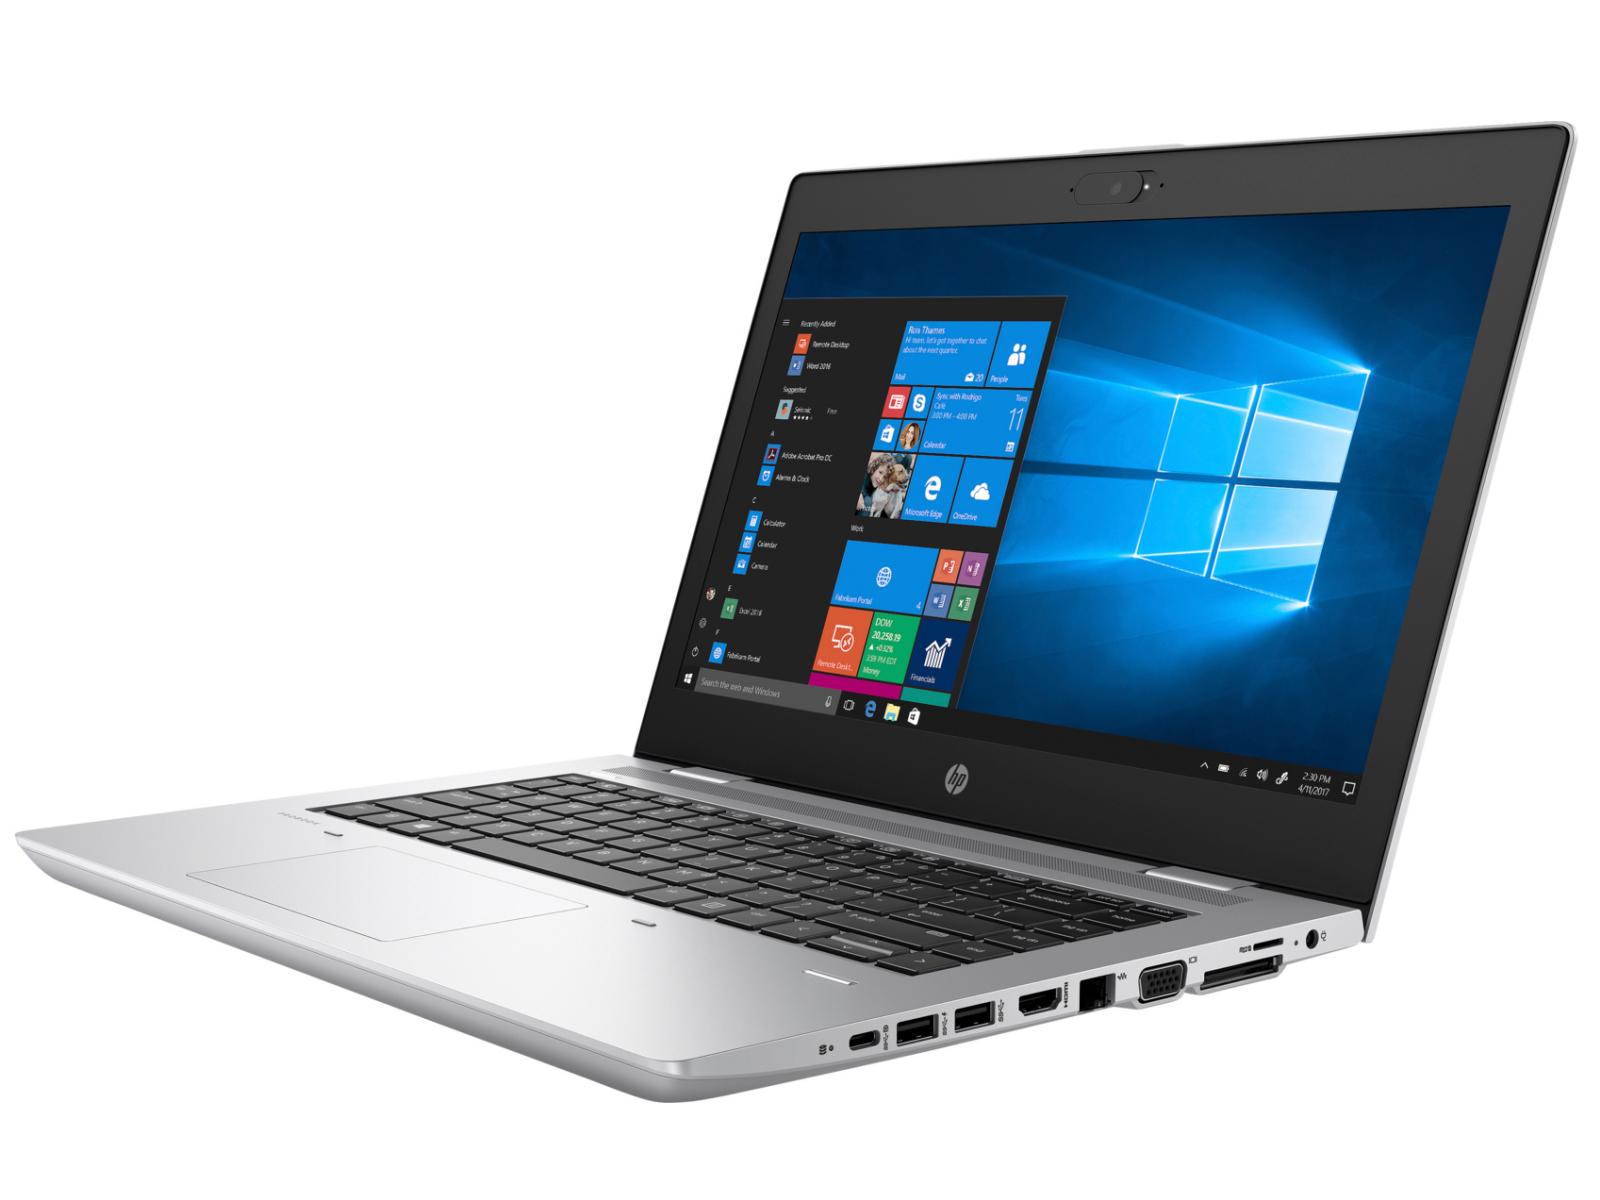 Review Del Hp Probook 645 G4 Ryzen 5 Pro 2500u Ssd Fhd